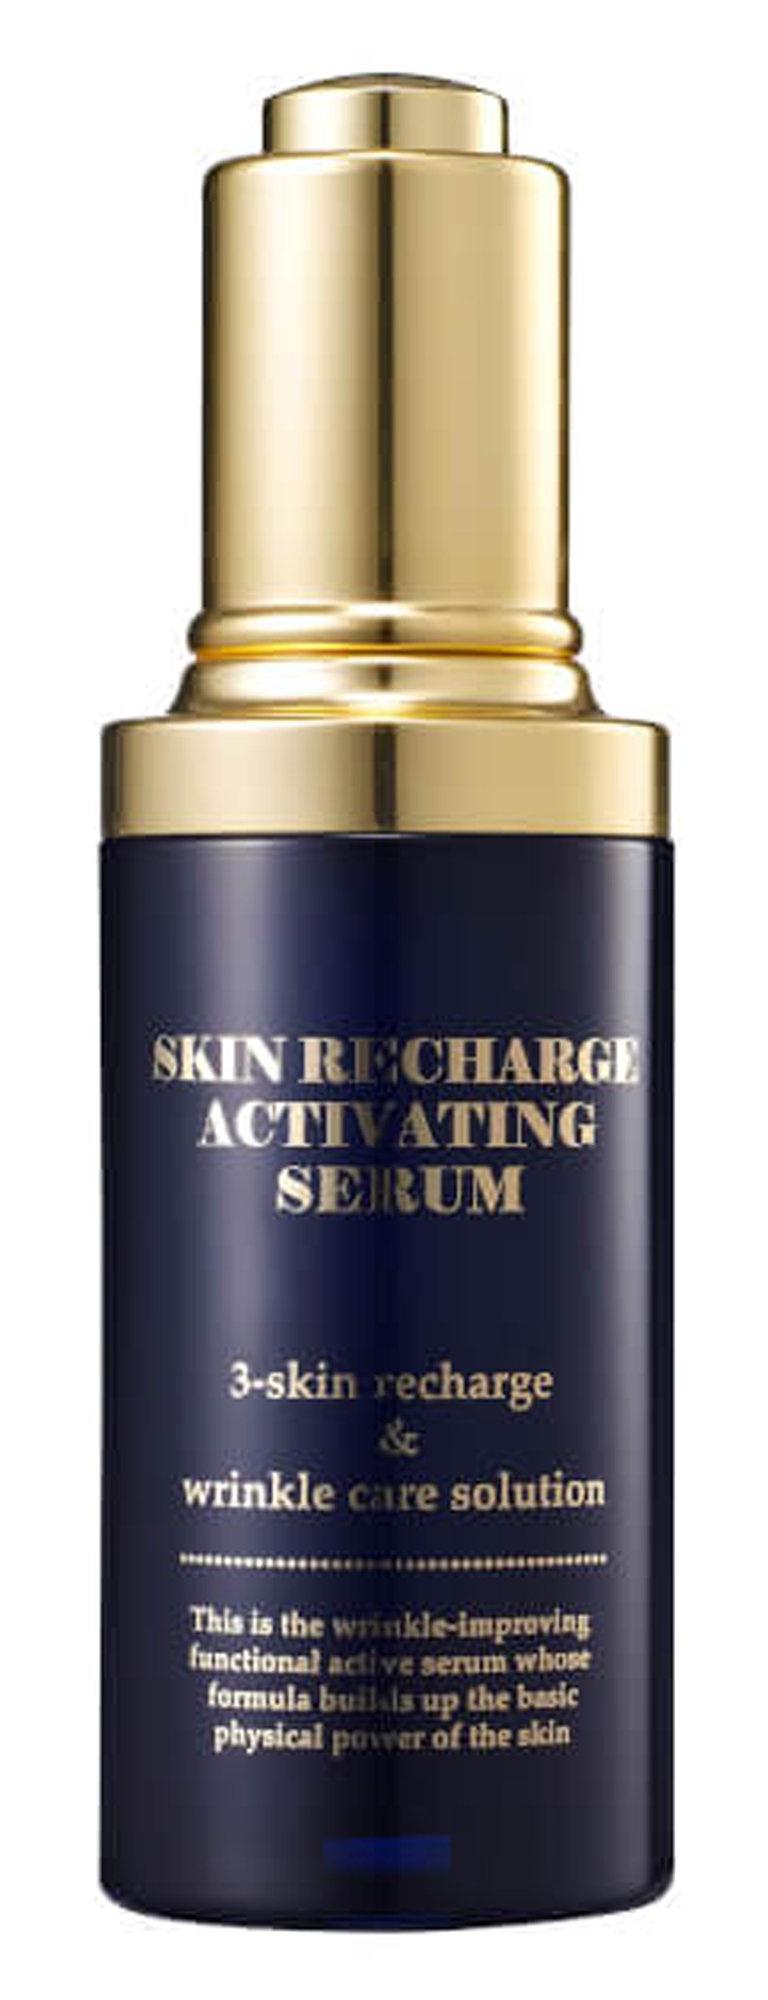 Mizon Skin Recharge Activating Serum